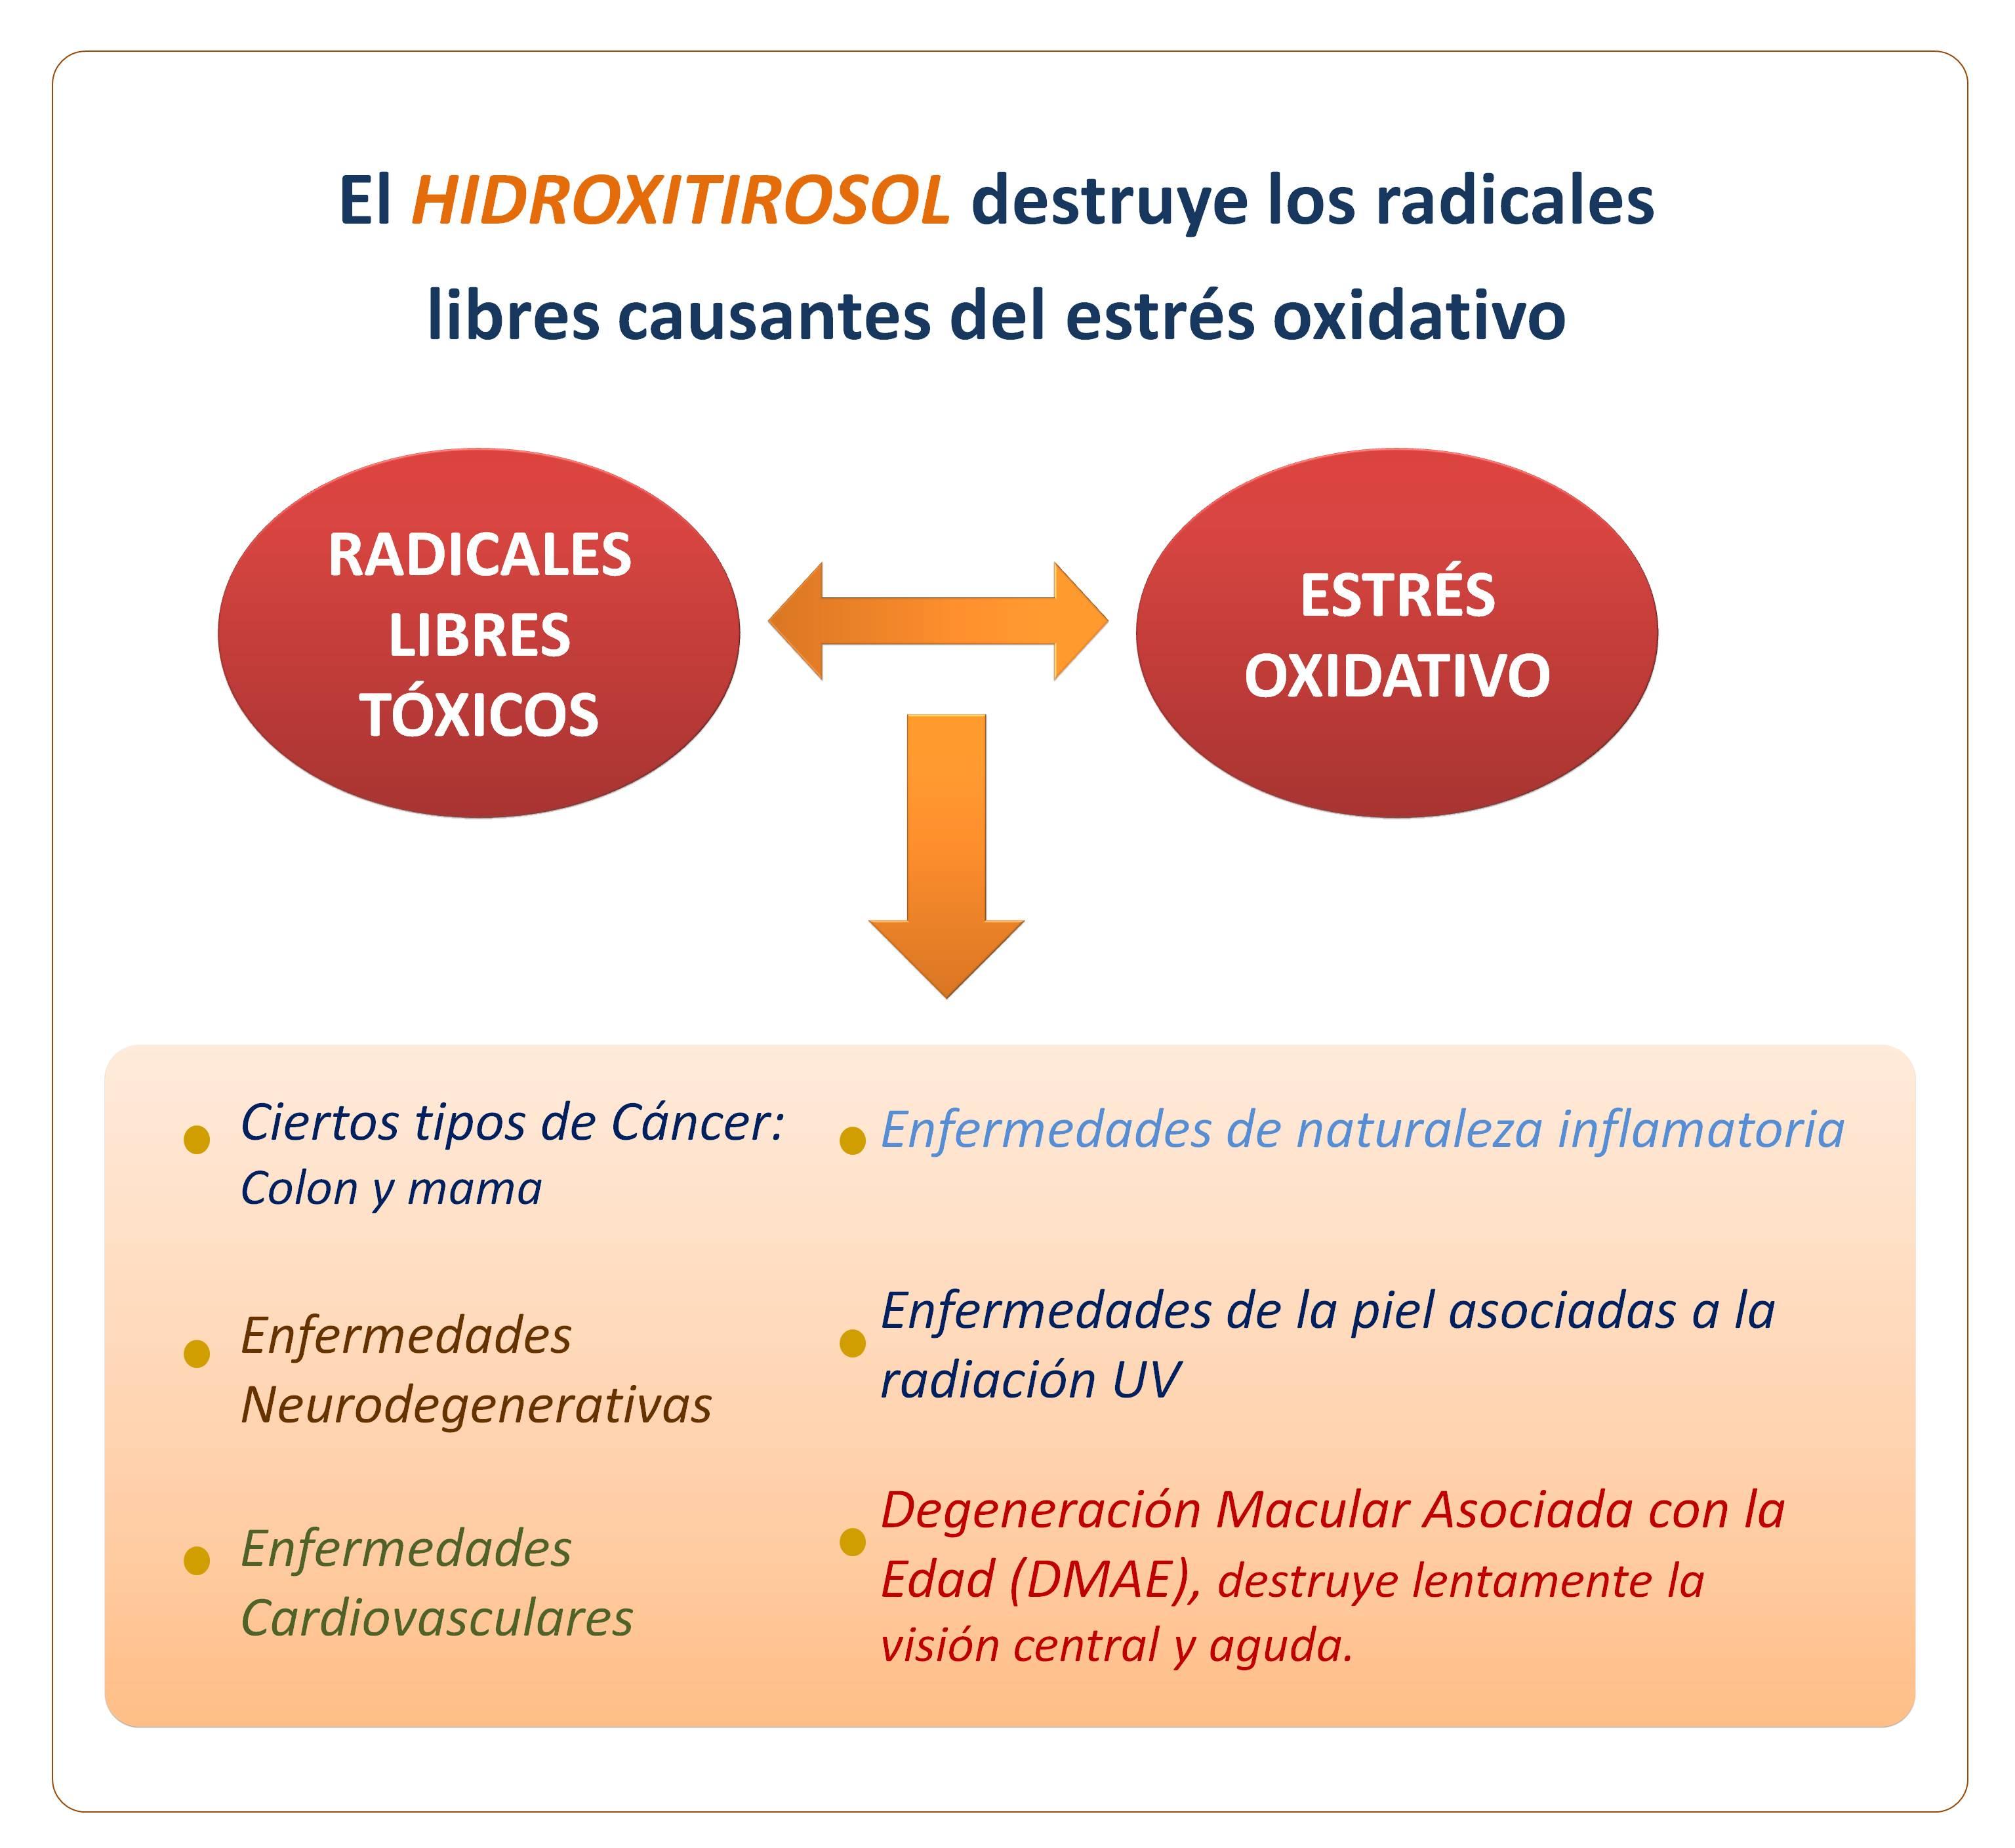 El hidroxitirosol posee multiples beneficios para la salud